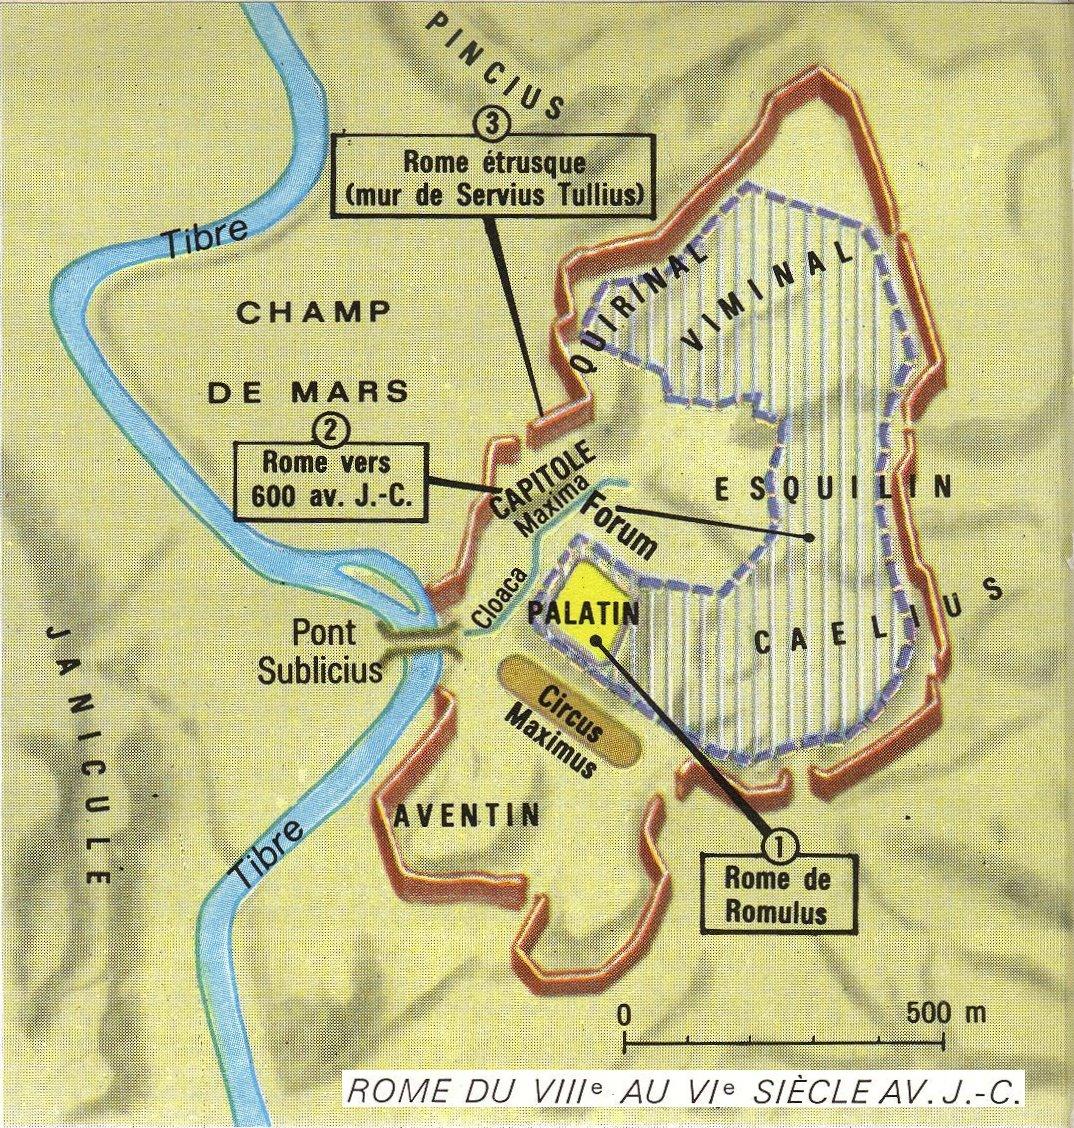 carte de rome antique Rome – Arrête ton char